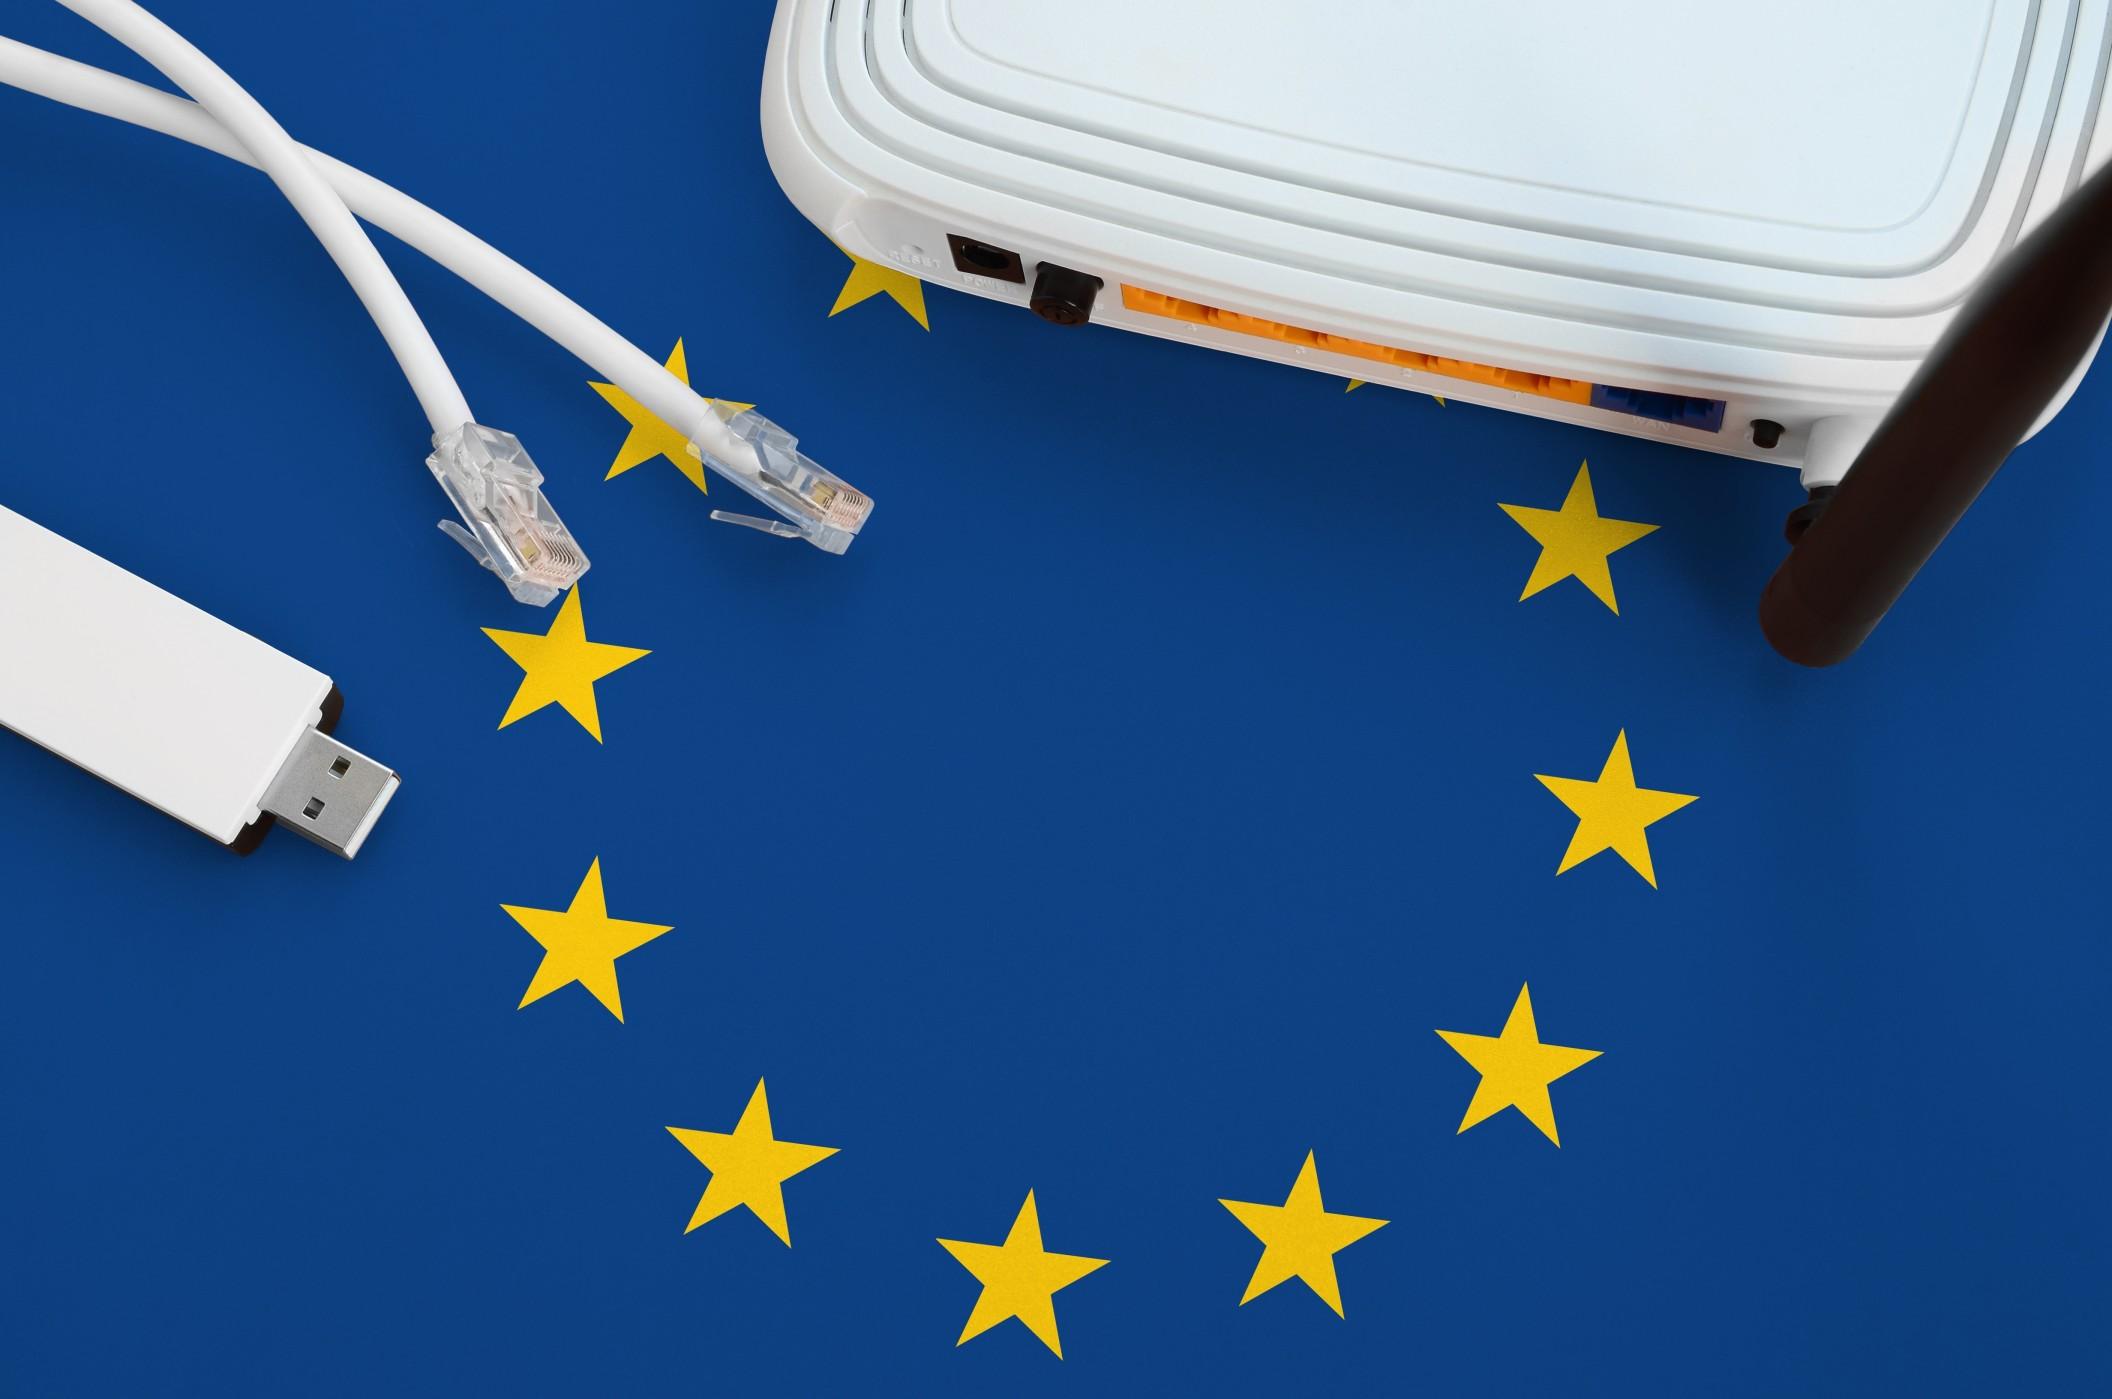 Népszerű az elektronikus aláírás az EU-ban